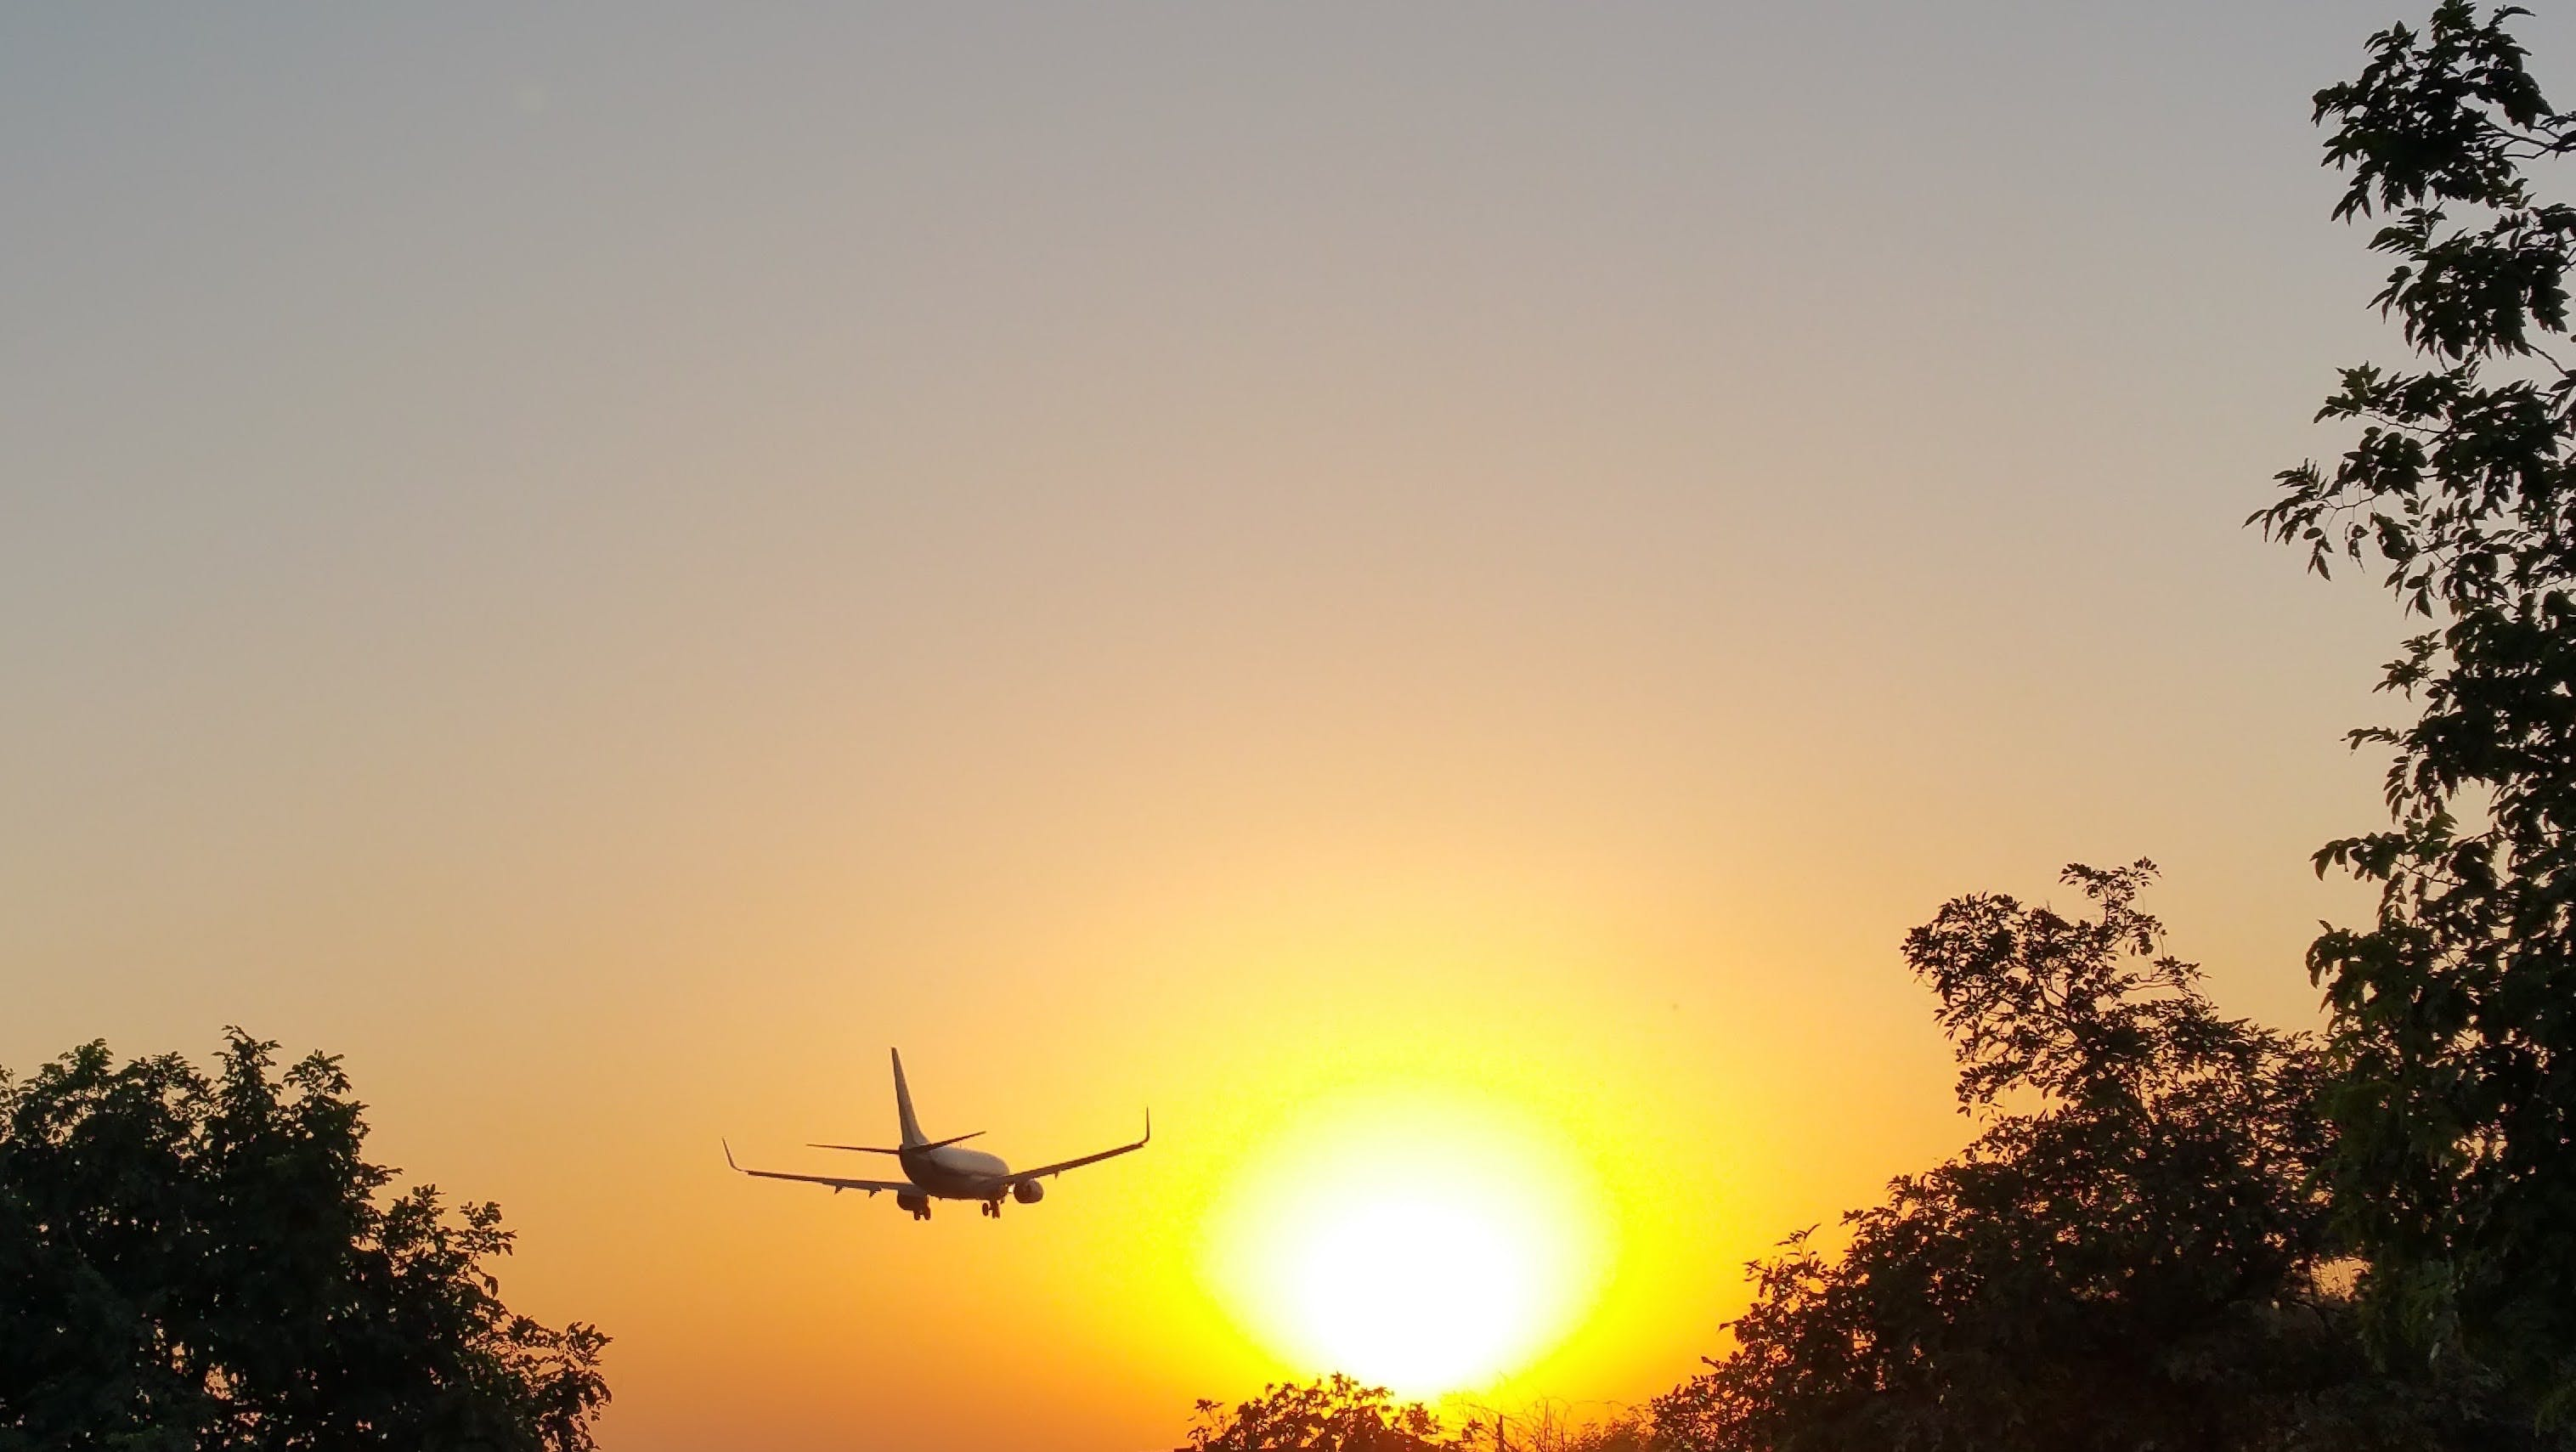 Ảnh lưu trữ miễn phí về bầu trời, bình minh, cây, chuyến bay